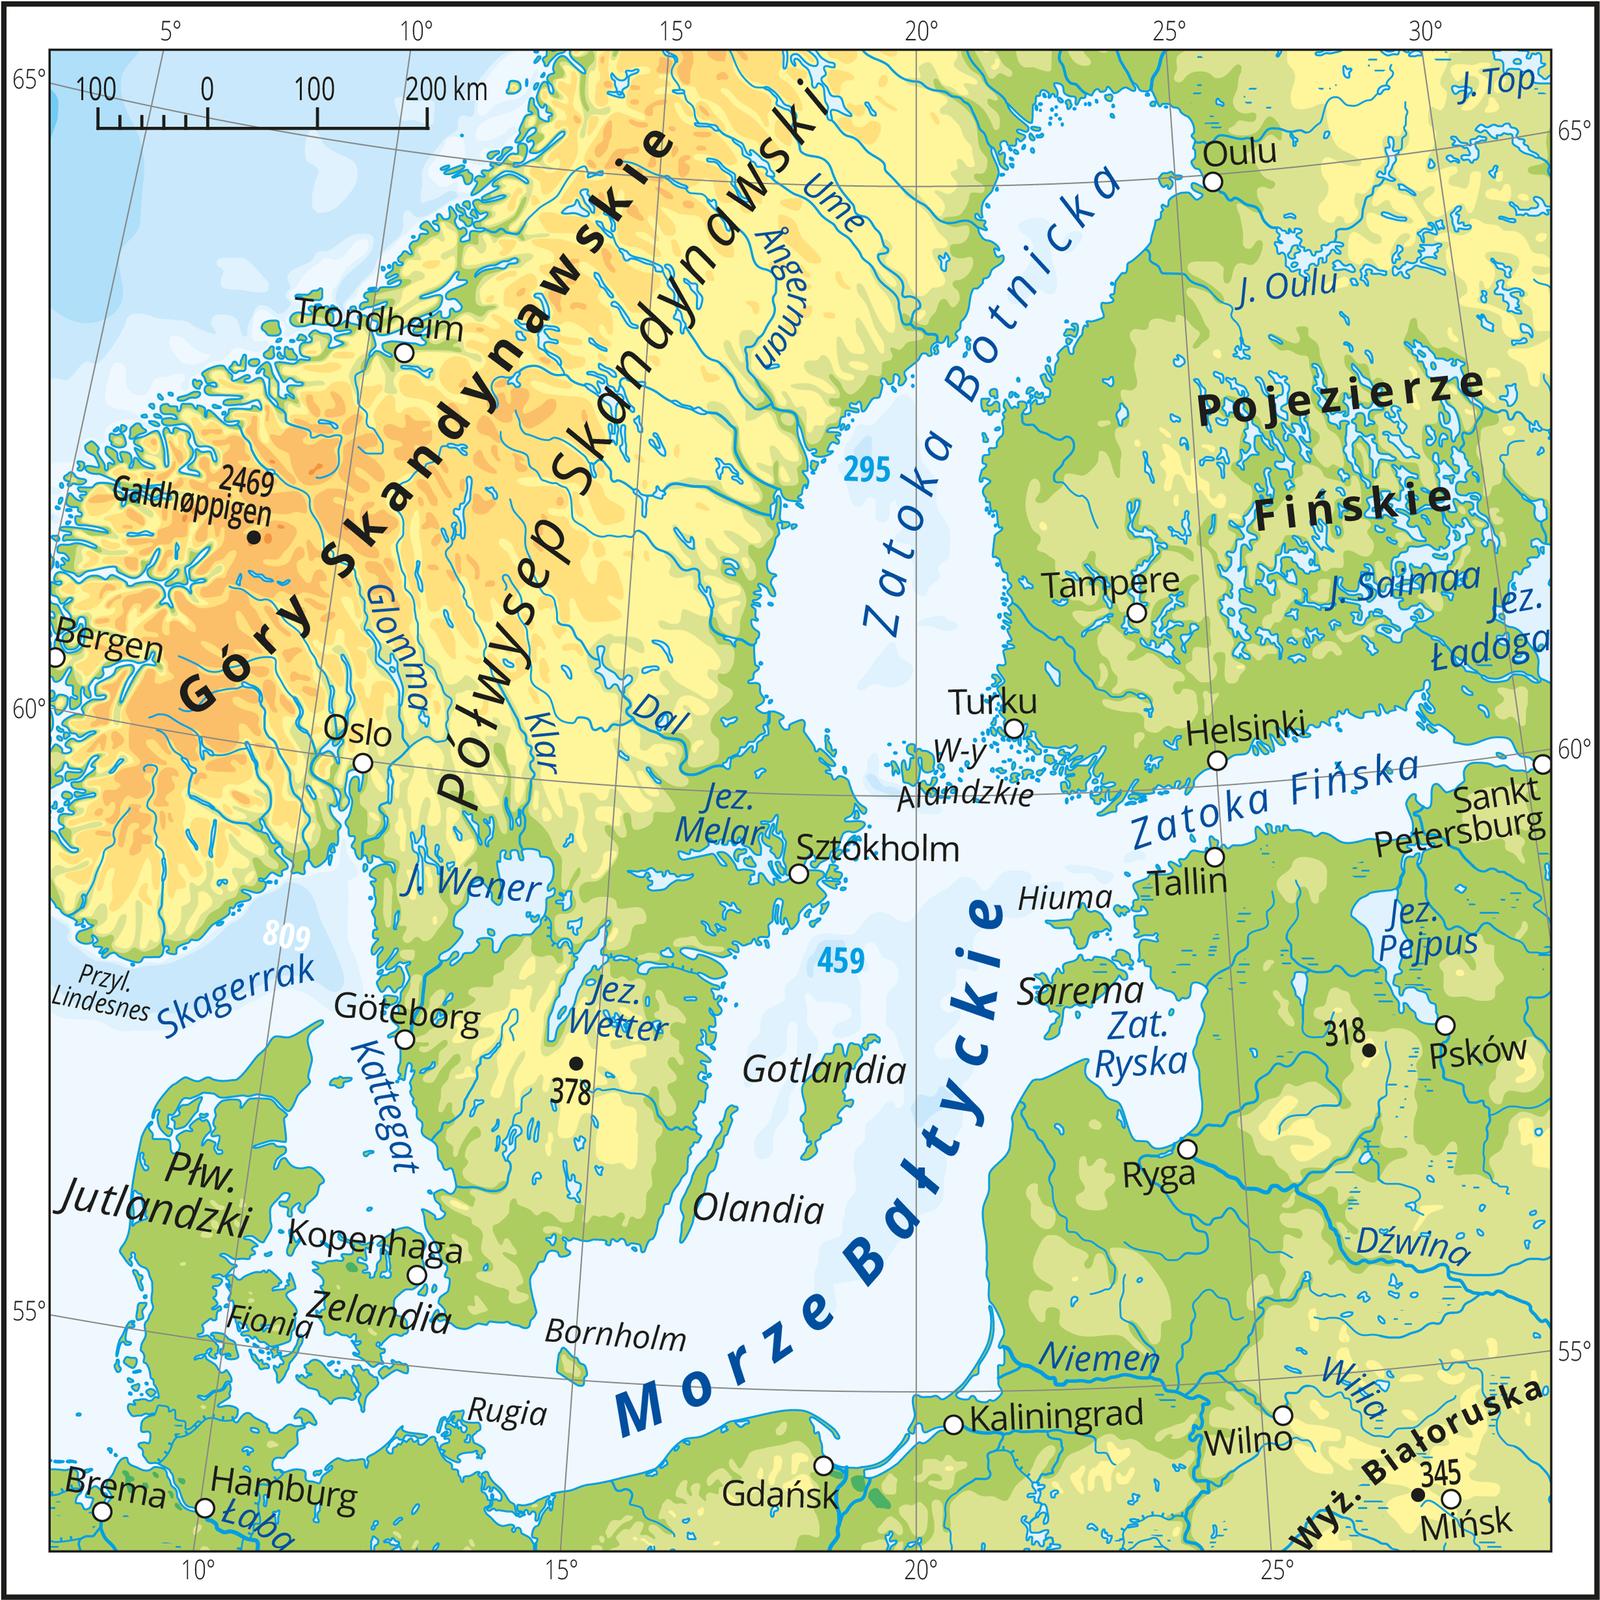 Ilustracja prezentuje mapę Morza Bałtyckiego iokalających go lądów. Mapa pokryta jest równoleżnikami ipołudnikami. Dookoła mapy wbiałej ramce opisano współrzędne geograficzne co pięć stopni. Morze Bałtyckie jest niezbyt szerokie iwydłużone, rozciąga się od południowego zachodu wkierunku północy. Otoczone jest lądami od południa, wschodu ipółnocy oraz częściowo od północnego zachodu. Na południowym zachodzie znajduje się kilka wąskich pasów wody pomiędzy lądami, nazywanych cieśninami, które łączą Morze Bałtyckie zMorzem Północnym. Bałtyk posiada kilka zatok, czyli wód otoczonych ztrzech stron lądami. Największa to Zatoka Botnicka na północy. Wody Bałtyku są stosunkowo płytkie ioznaczone wdwóch odcieniach niebieskiego: jasnoniebieskim iniebieskim. Na Bałtyku znajdują się liczne mniejsze iwiększe wyspy, np. Gotlandia, Zelandia. Tereny lądowe są pokryte głównie obszarami nizinnymi wkolorach: ciemnozielonym, zielonym, żółtym oraz rzekami ijeziorami wkolorze niebieskim. Jedynie po stronie północno-zachodniej mapy na Półwyspie Skandynawskim oznaczono kolorem jasnobrązowym Góry Skandynawskie.